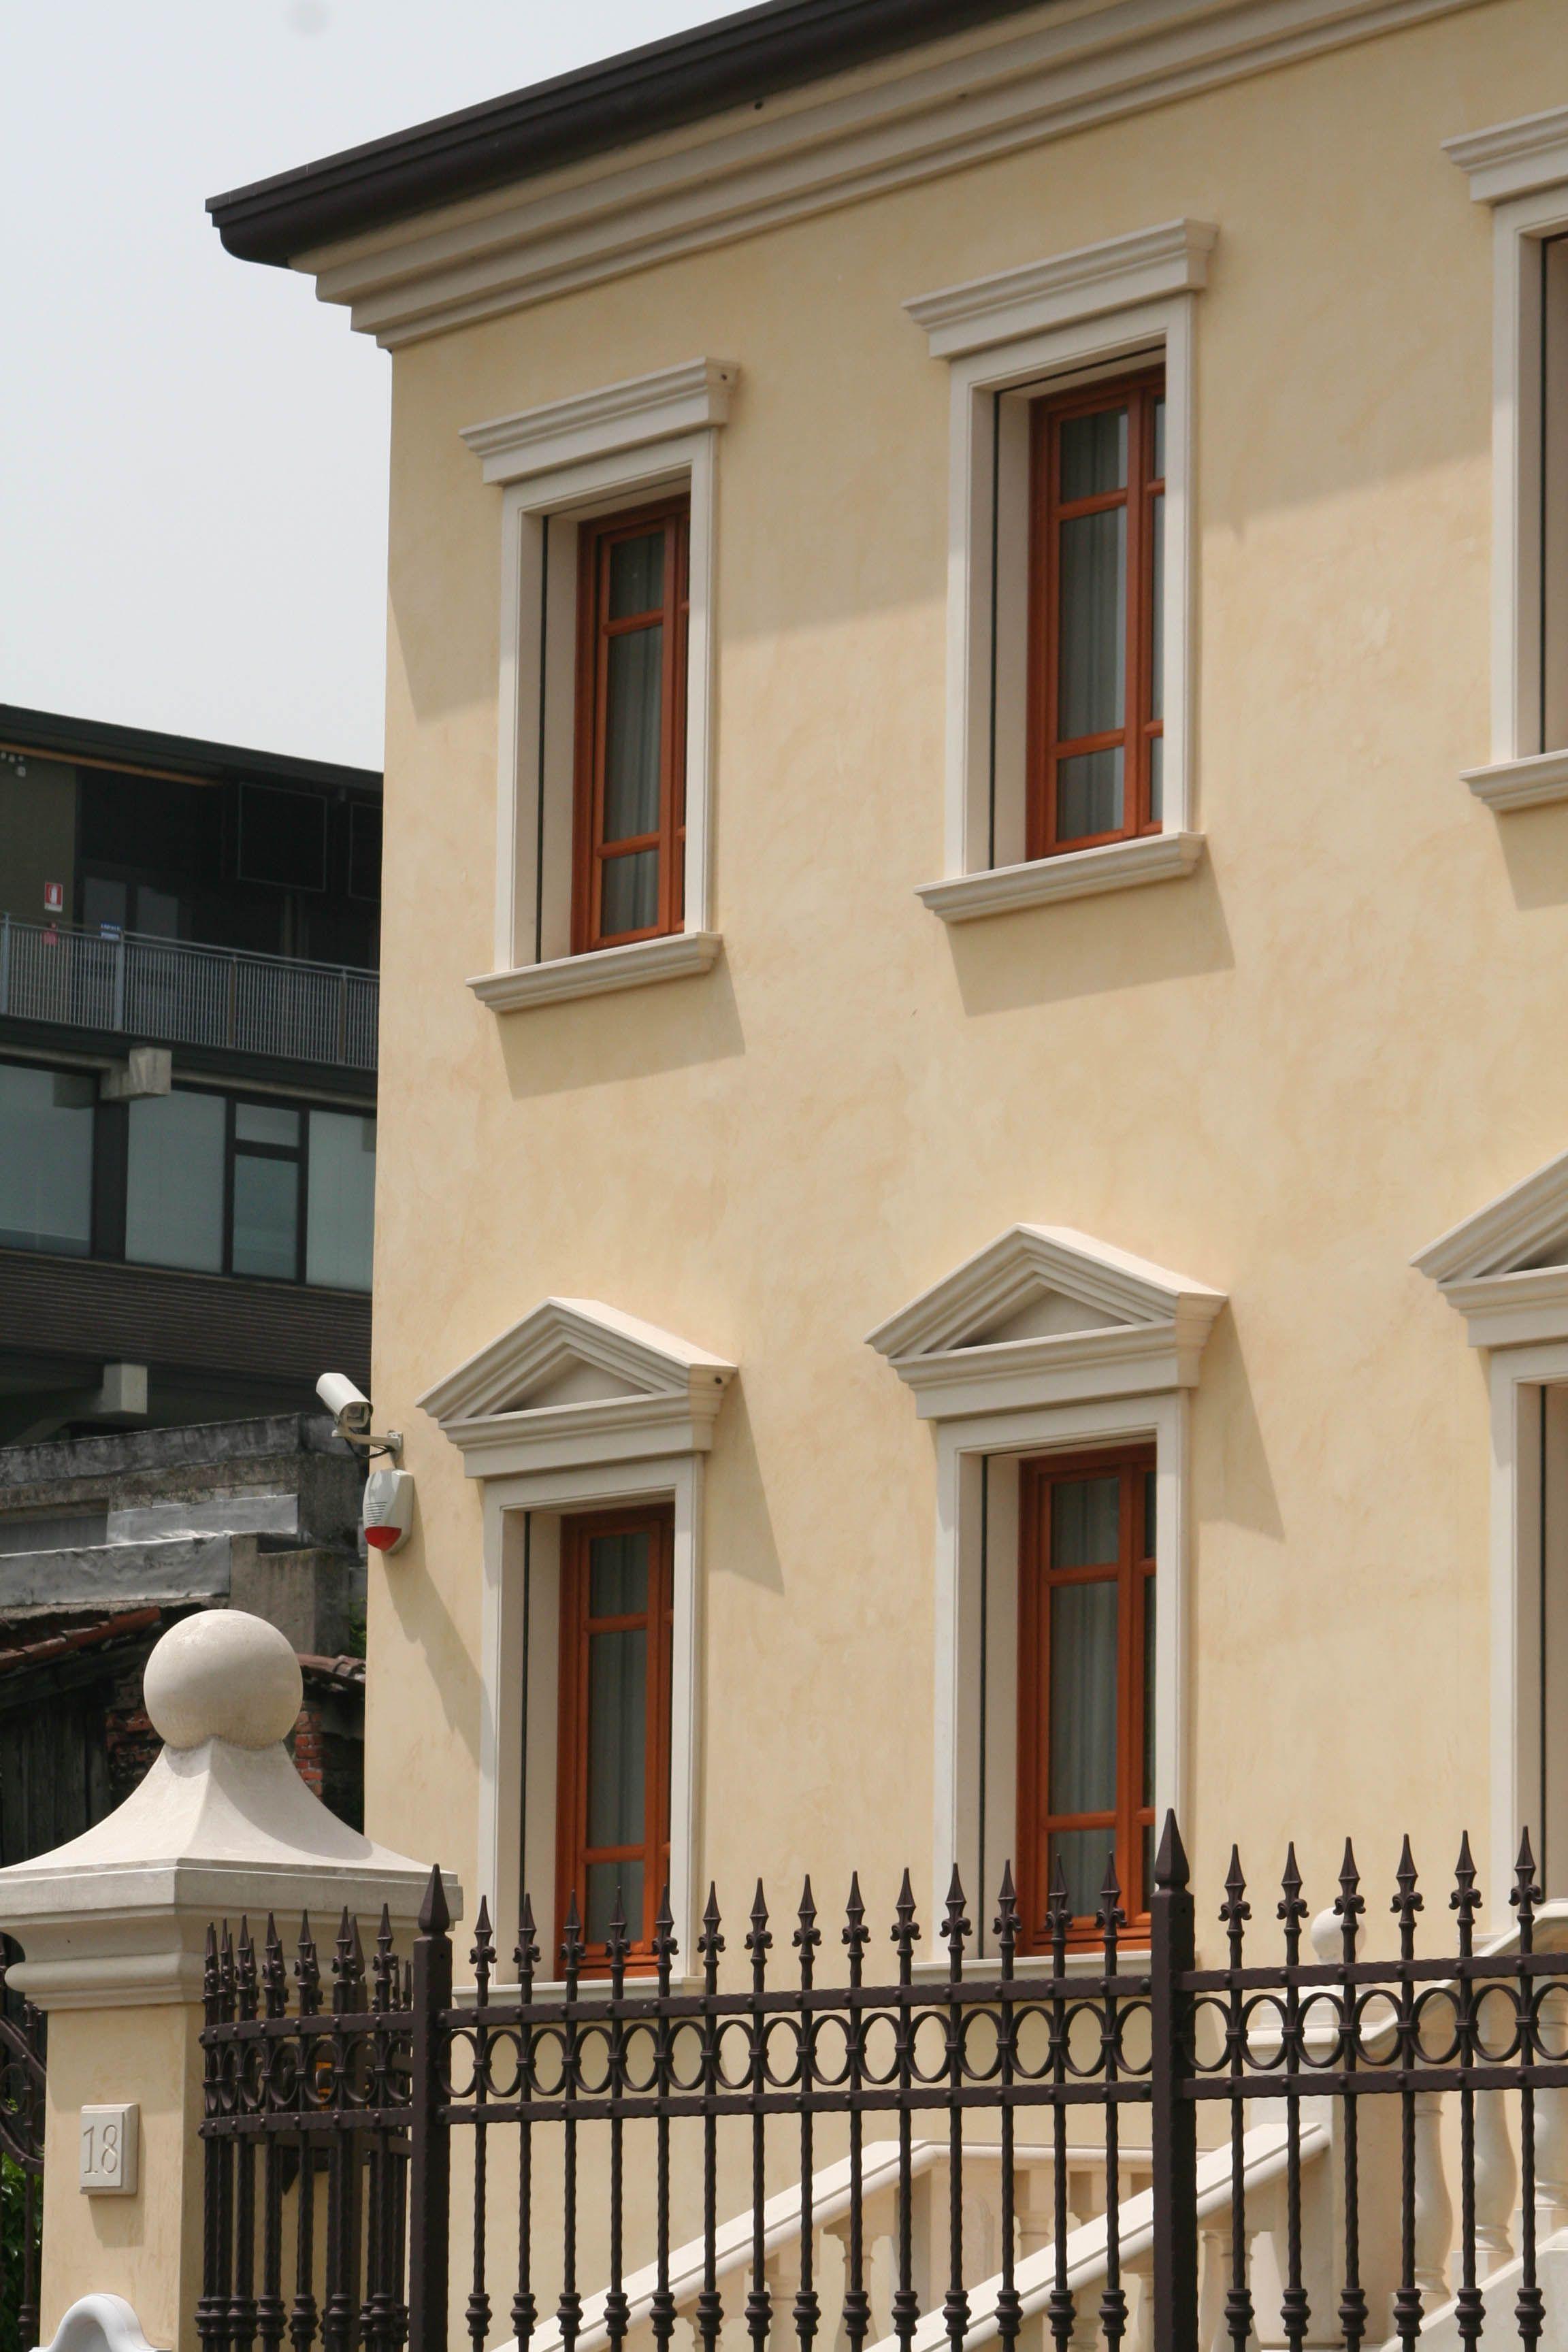 Angolari bugnati cornicioni per gronda decorazioni for Finestre per esterni